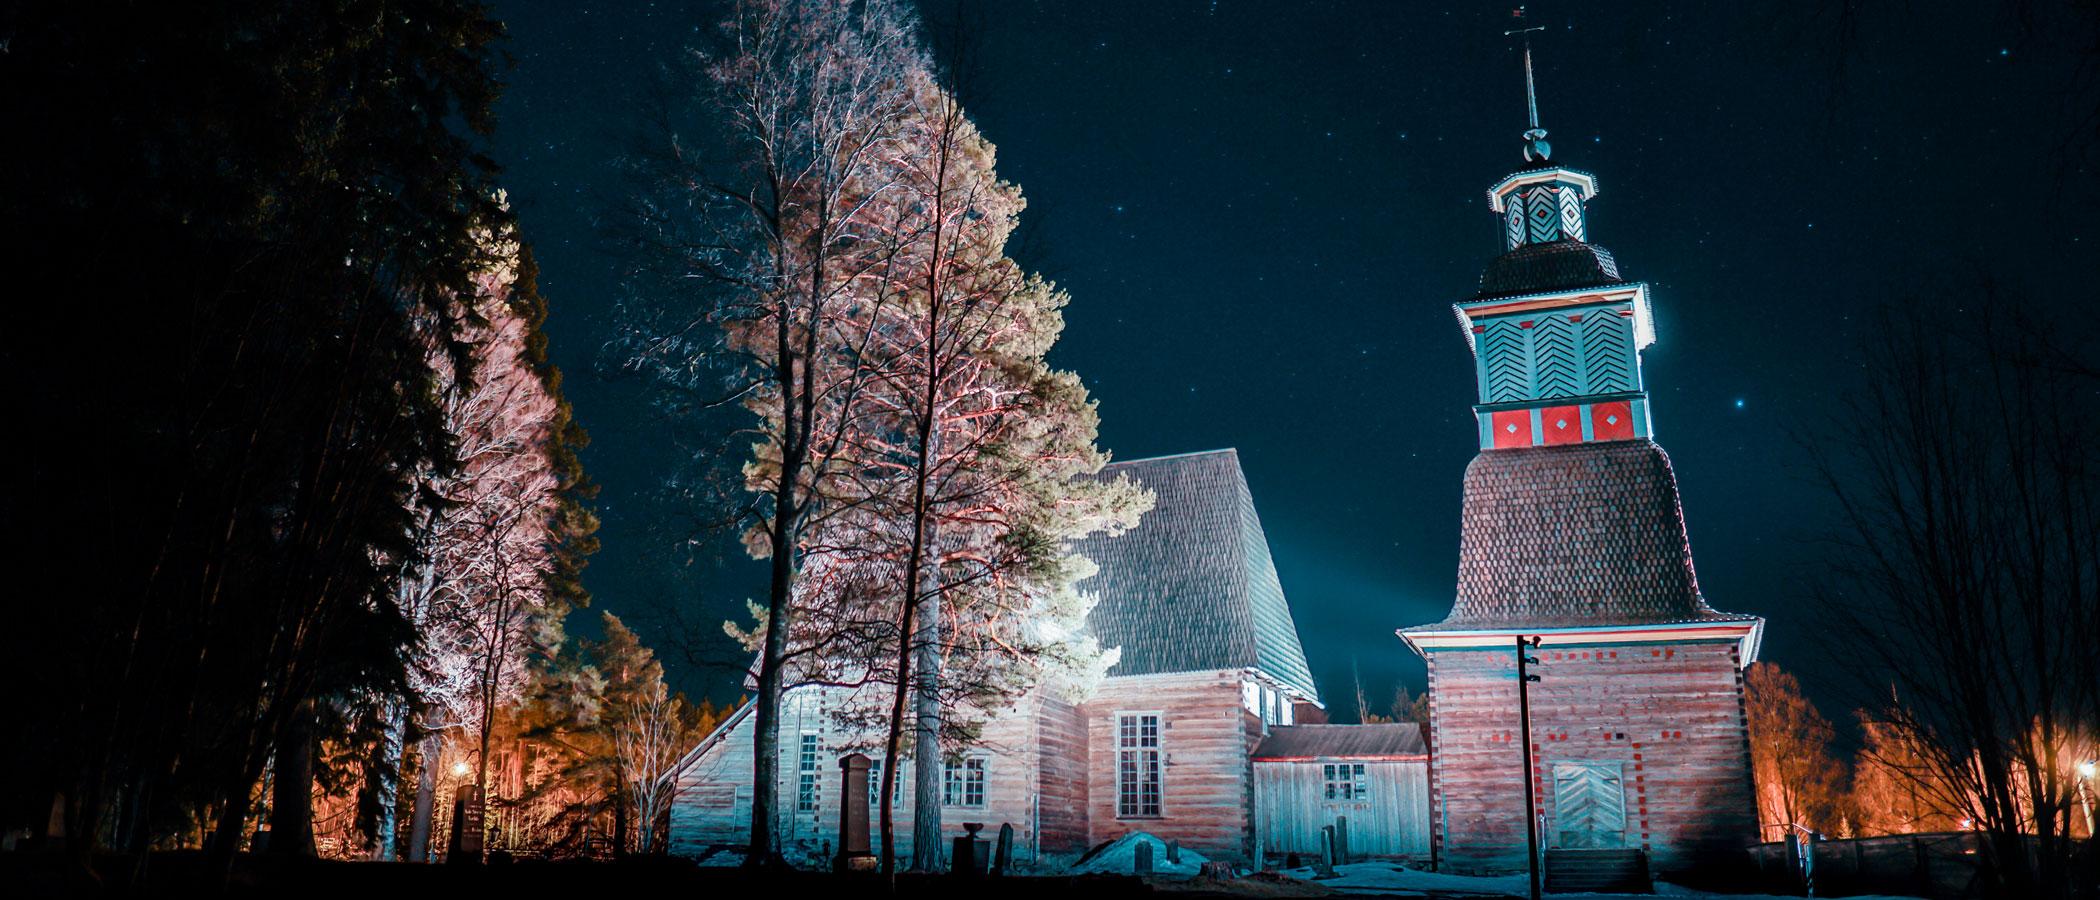 Petäjävesi Old Church at dusk